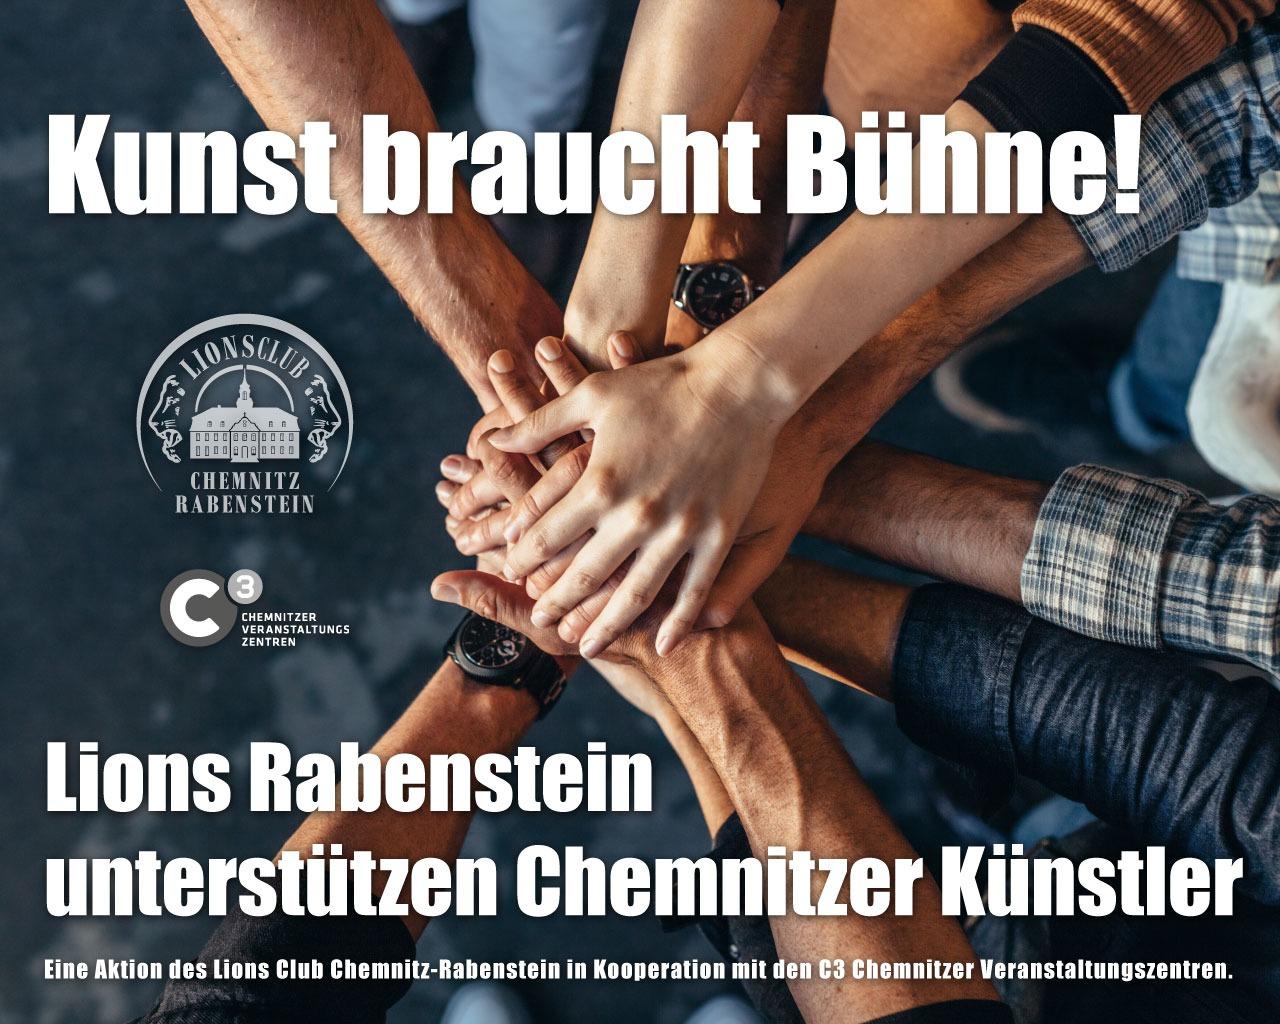 Kunst braucht Bühne - Lionsclub Chemnitz